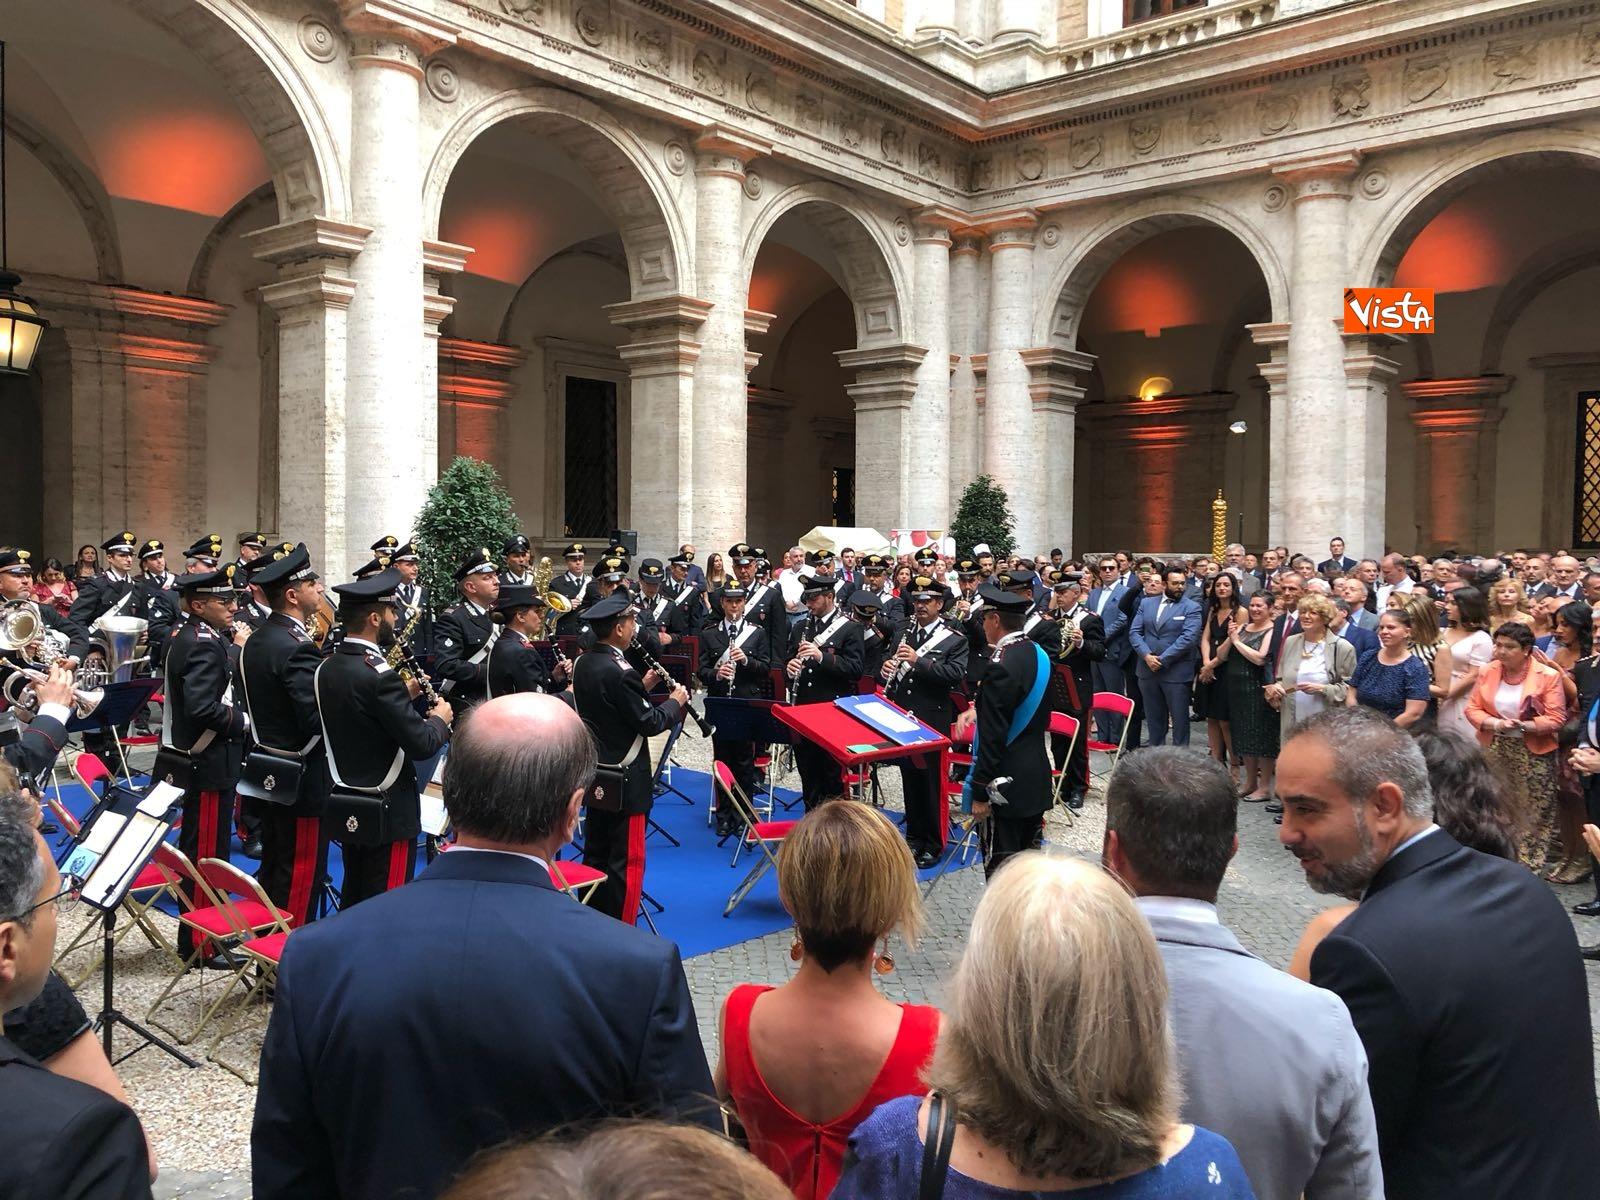 14-07-18 14 Luglio all'Ambasciata francese, nel cortile risuona l'Inno di Mameli_05